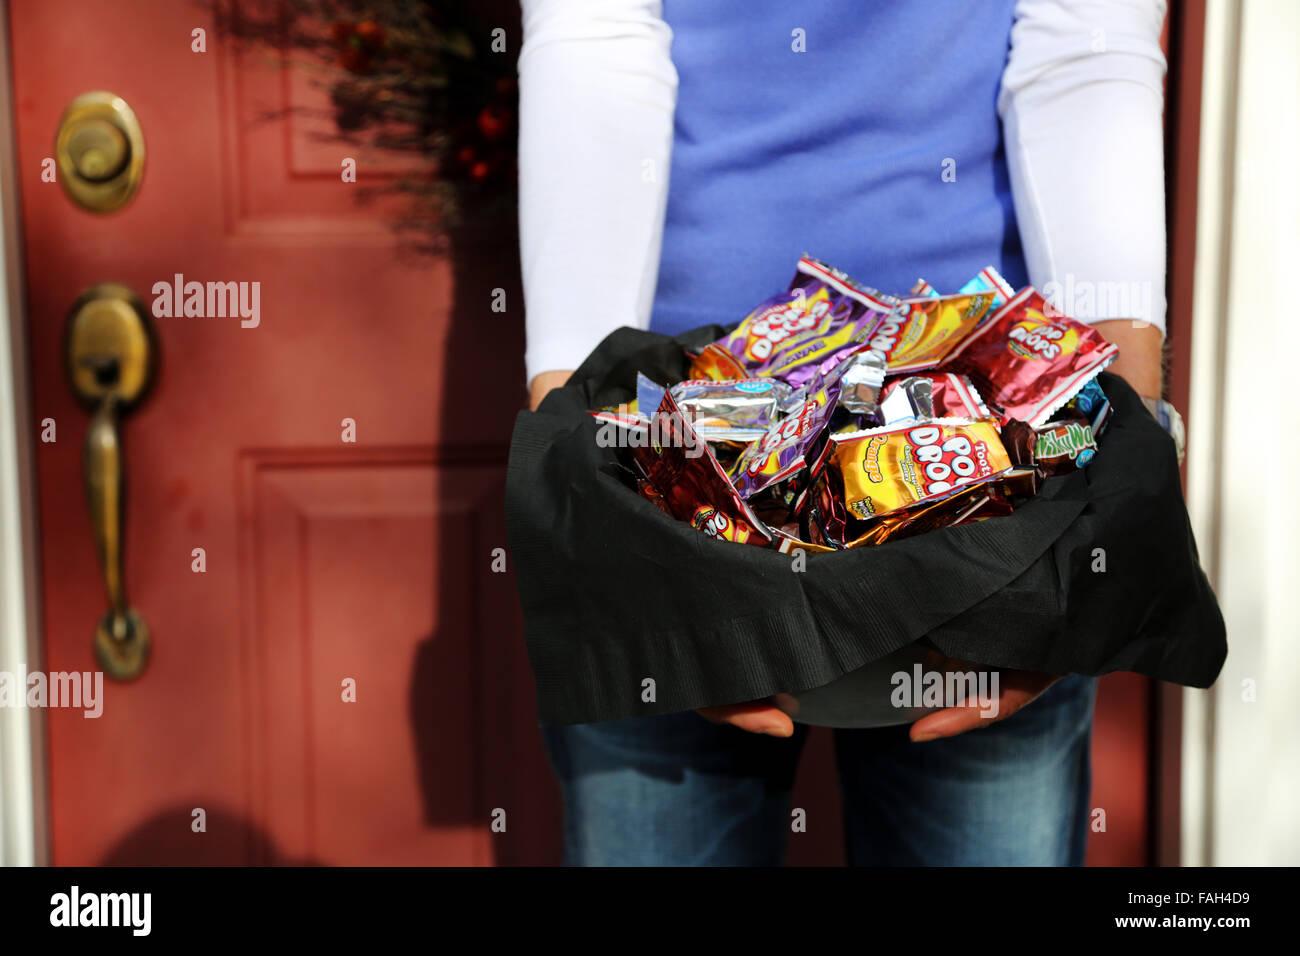 Eine Frau, die vor ihrer Haustür Holding füllte eine der Bonbons und Süßigkeiten für Kinder, Stockbild